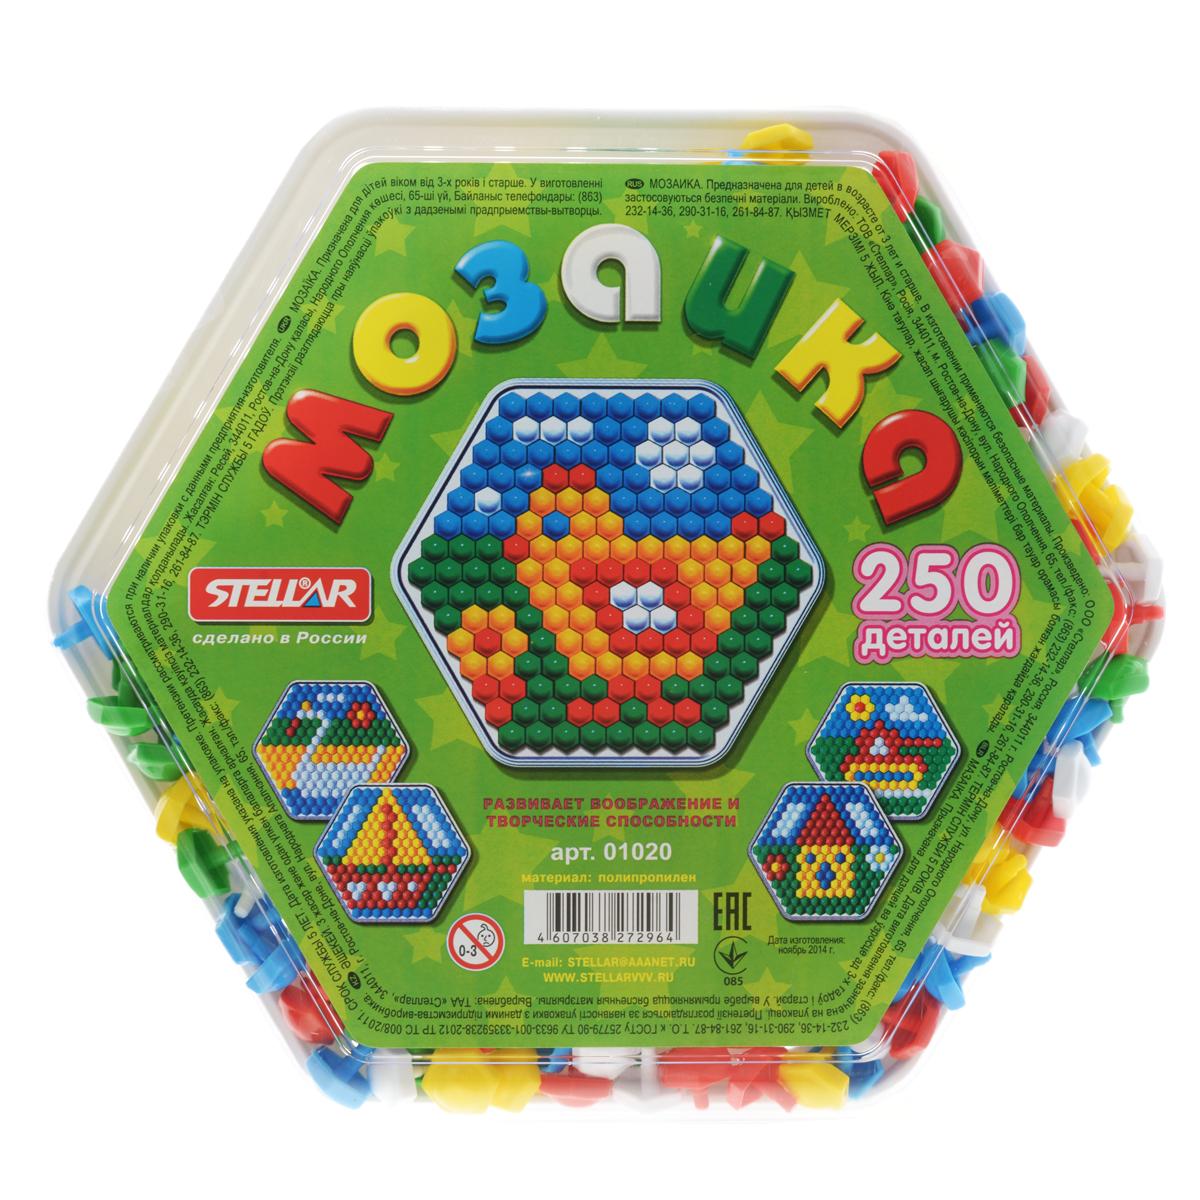 Мозаика Stellar, 250 элементов01020Мозаика Stellar - это яркая и увлекательная развивающая игра. Мозаика включает в себя игровое поле, которое также является контейнером для фишек, и 250 разноцветных выпуклых элементов, при помощи которых ребенок сможет создавать объемные цветные картинки. Для этого ему нужно лишь вставлять фишки в плату, руководствуясь изображениями на коробке или собственной фантазией. Элементы выполнены из полипропилена красного, зеленого, синего, желтого и белого цветов. Эта универсальная мозаика раскрывает перед ребенком неограниченные возможности моделирования и создания собственных шедевров. Оригинальная конструкция платы позволяет легко вставлять и фиксировать фишки, предотвращая их выпадение при переворачивании или переноске собранной картинки. Игры с мозаикой способствуют развитию у малышей мелкой моторики рук, координации движений, внимательности, логического и абстрактного мышления, ориентировку на плоскости, а также воображения и творческих способностей.